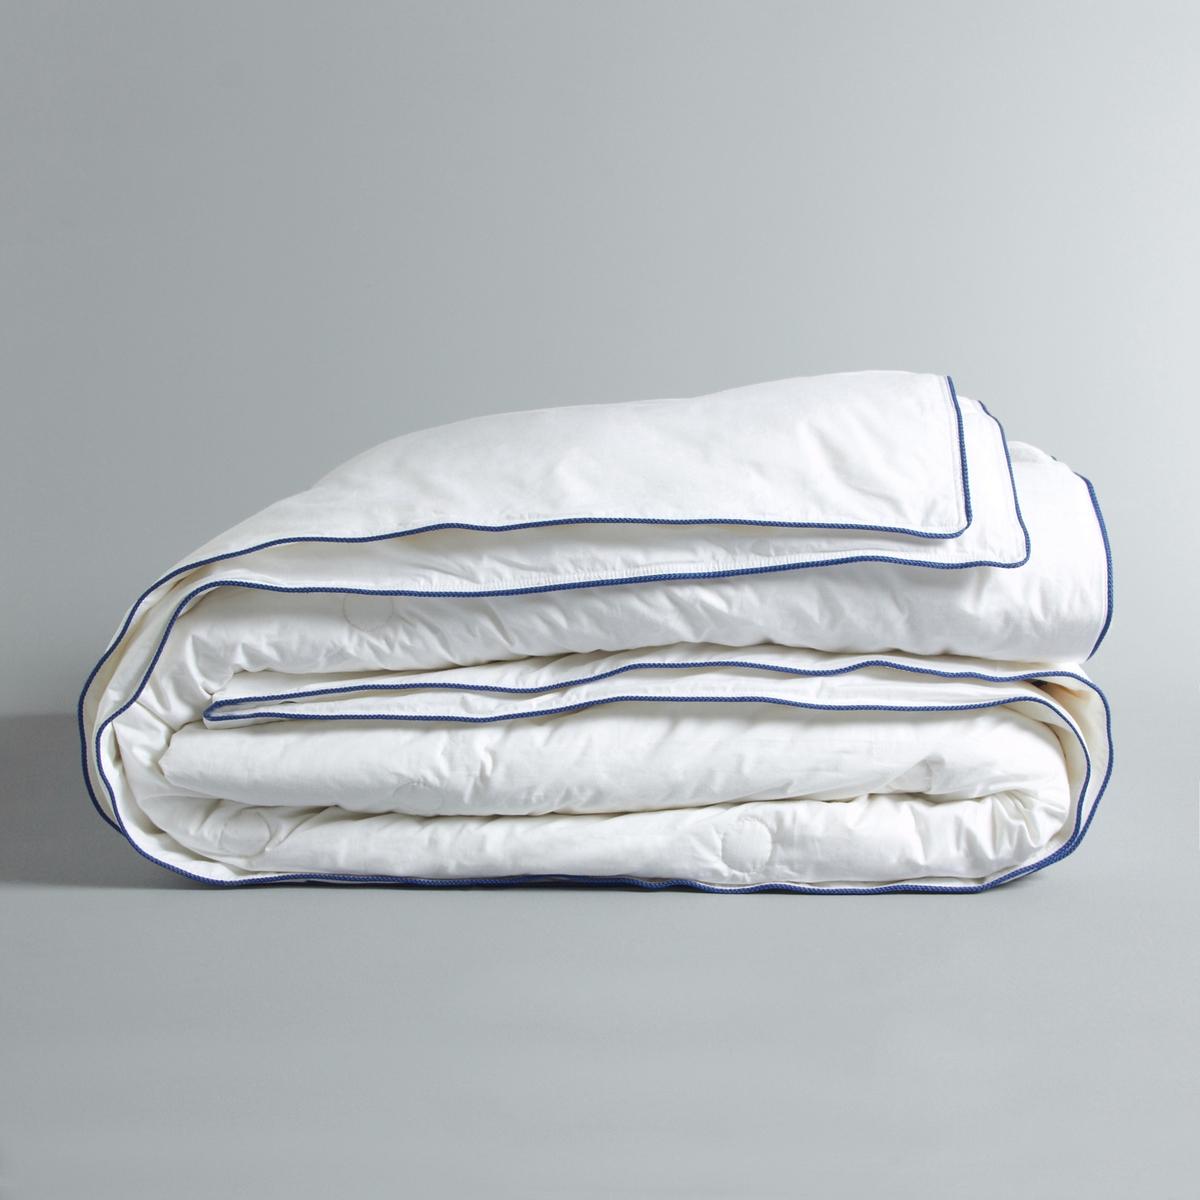 Одеяло Galaad с шелковым наполнителем плотностью 300 г/м²